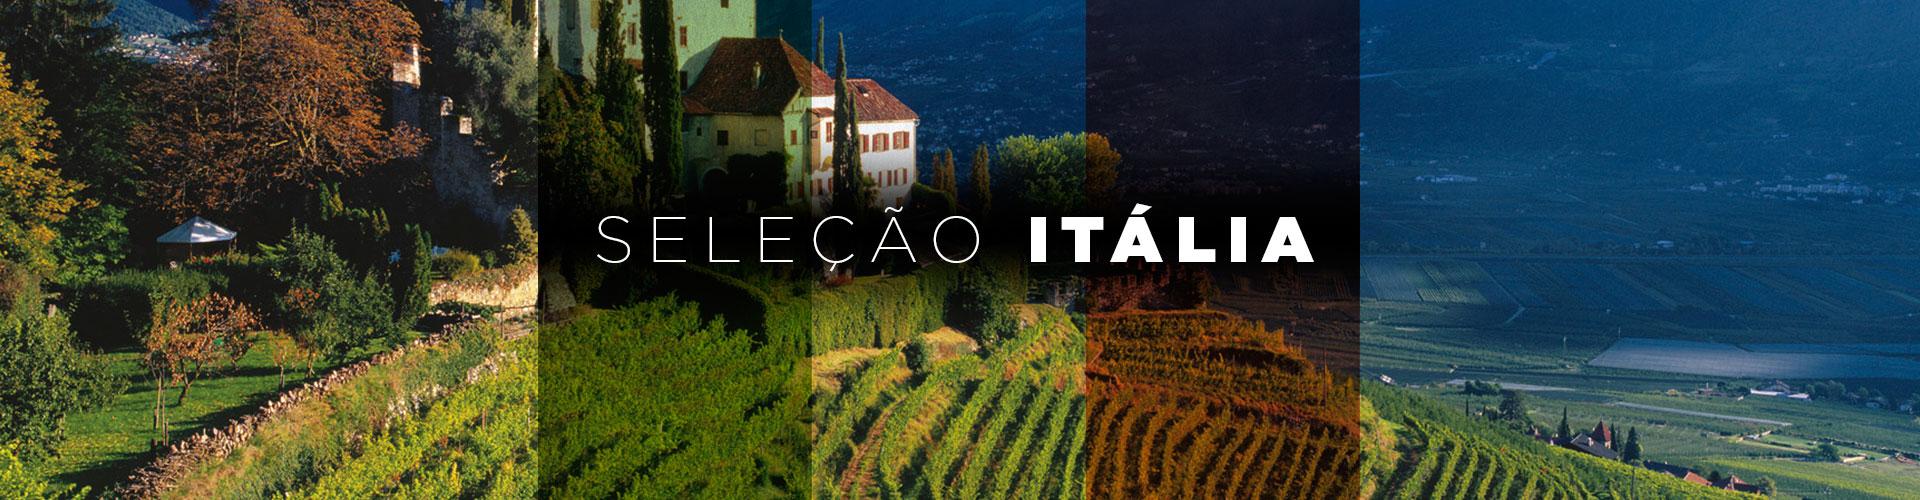 Seleção rótulos Itália